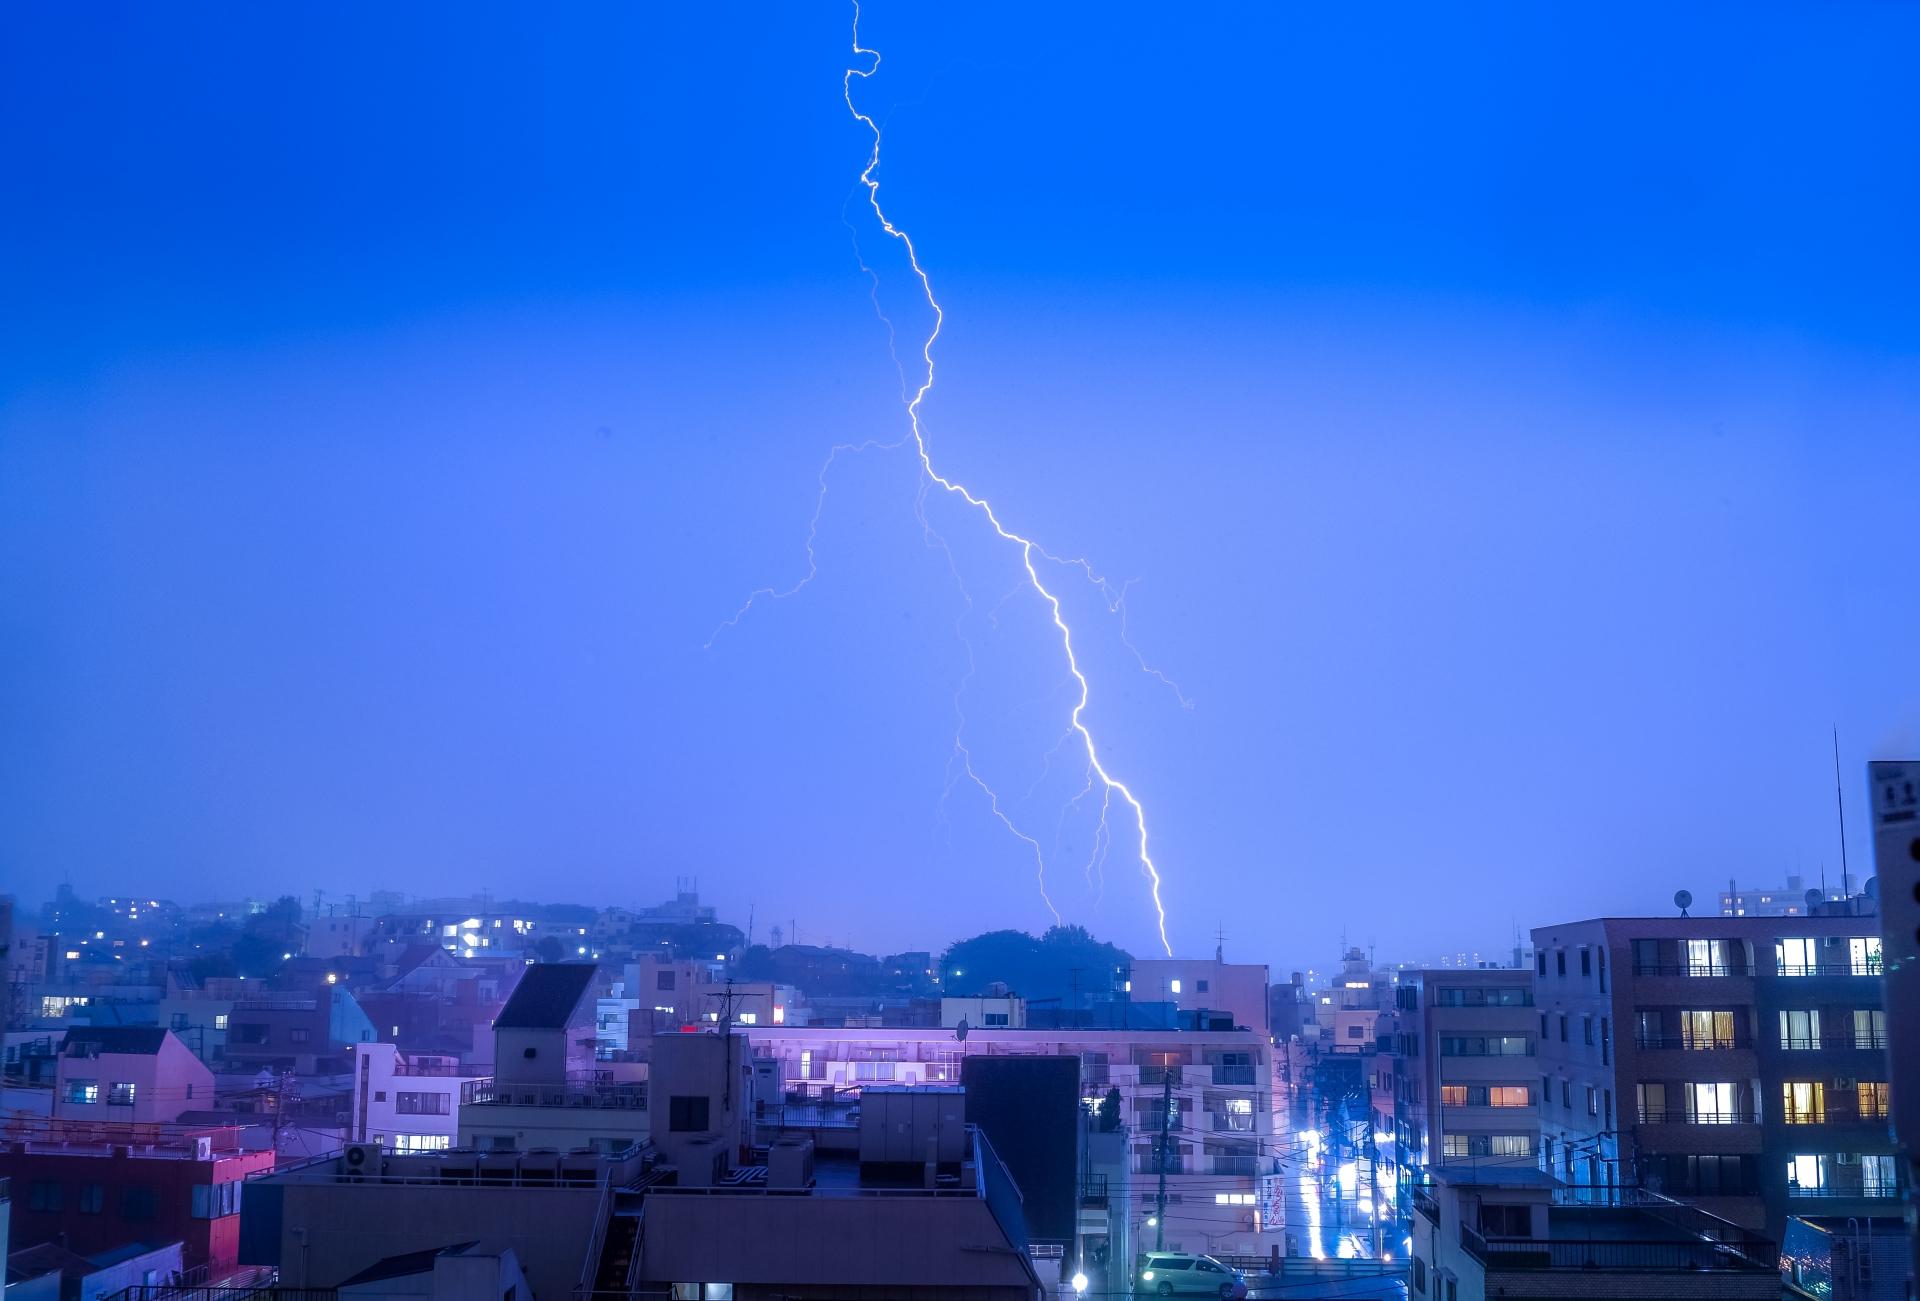 雷から身を守り落雷による被害を防止するための対策法